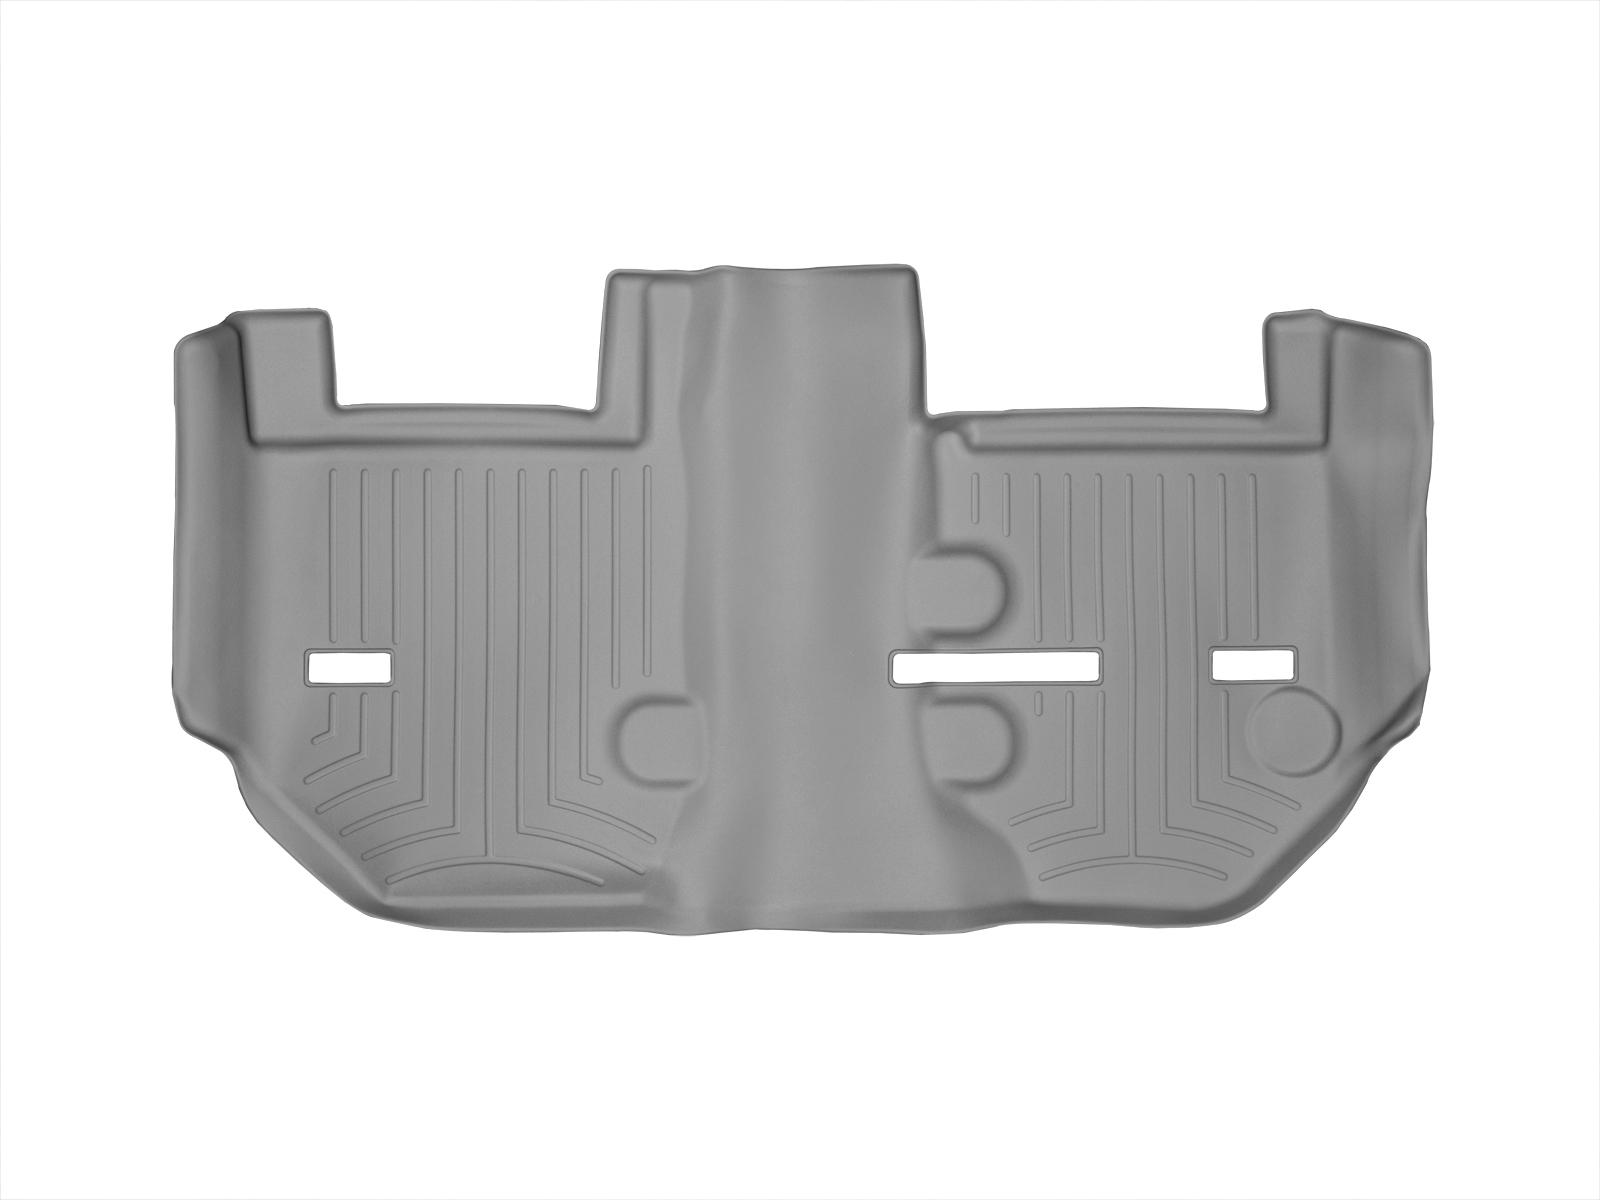 Tappeti gomma su misura bordo alto Cadillac Escalade ESV 11>14 Grigio A62*